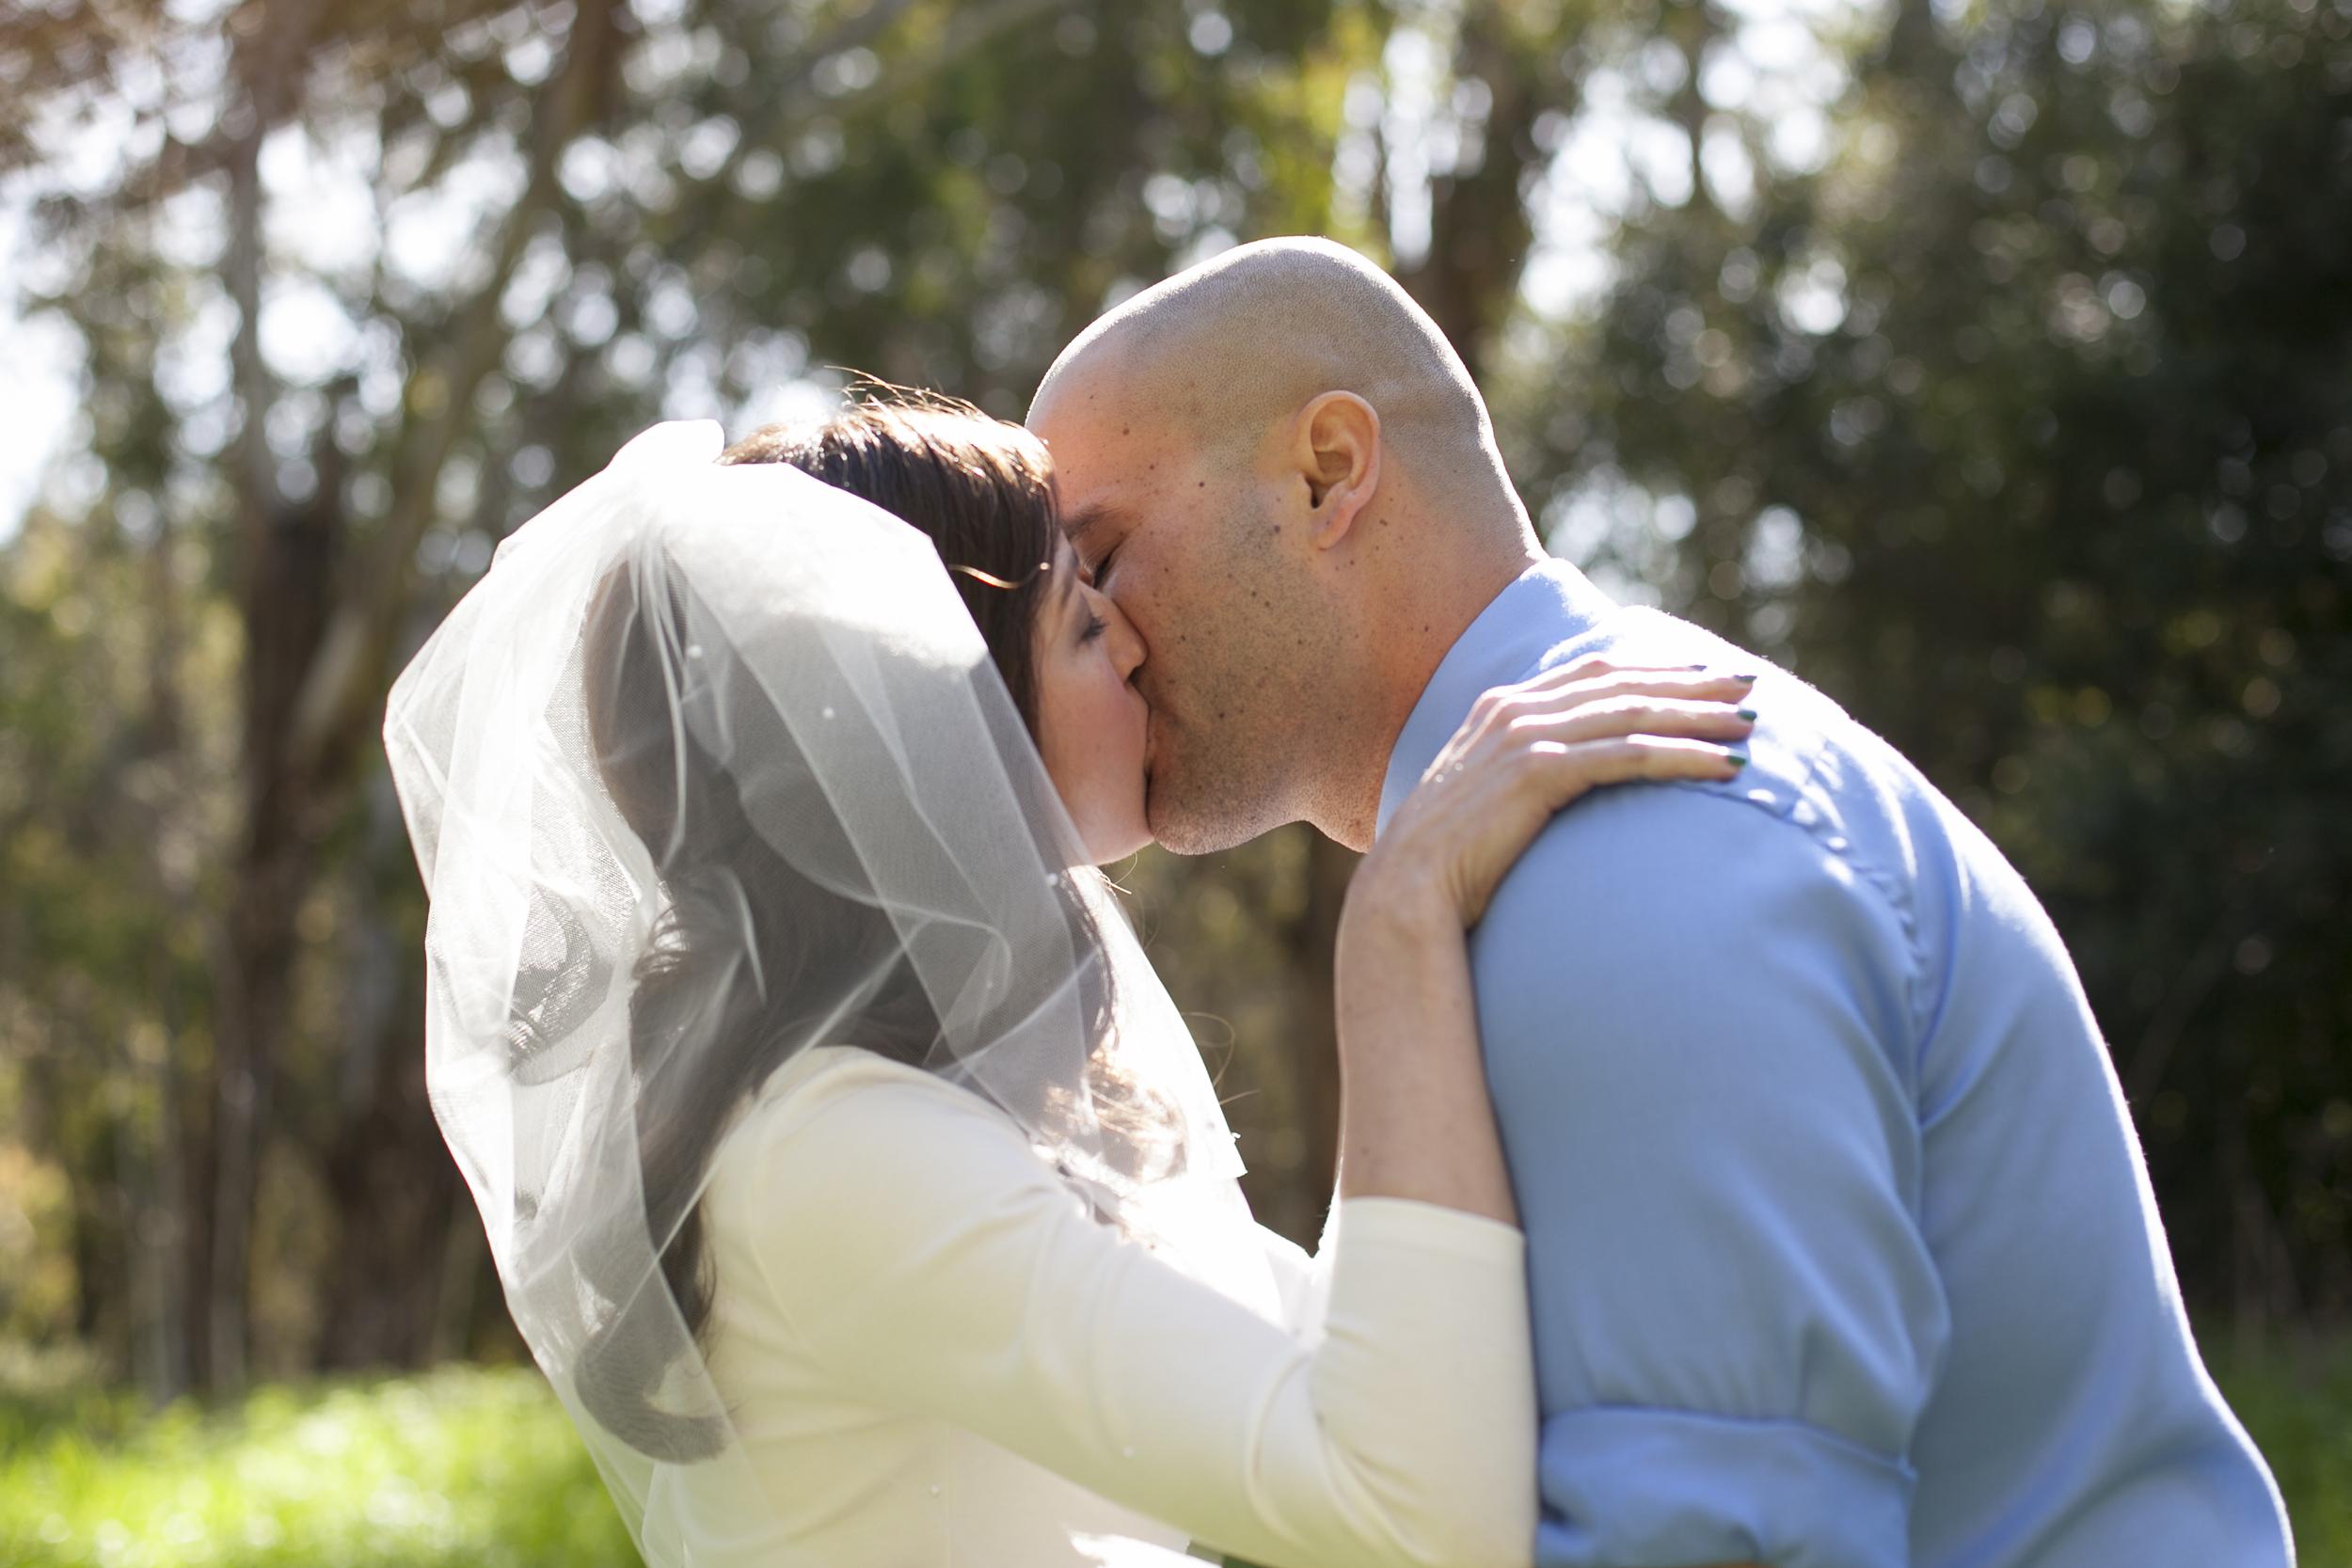 Tilden Park Berkeley Wedding Photographer-Meo Baaklini021.jpg